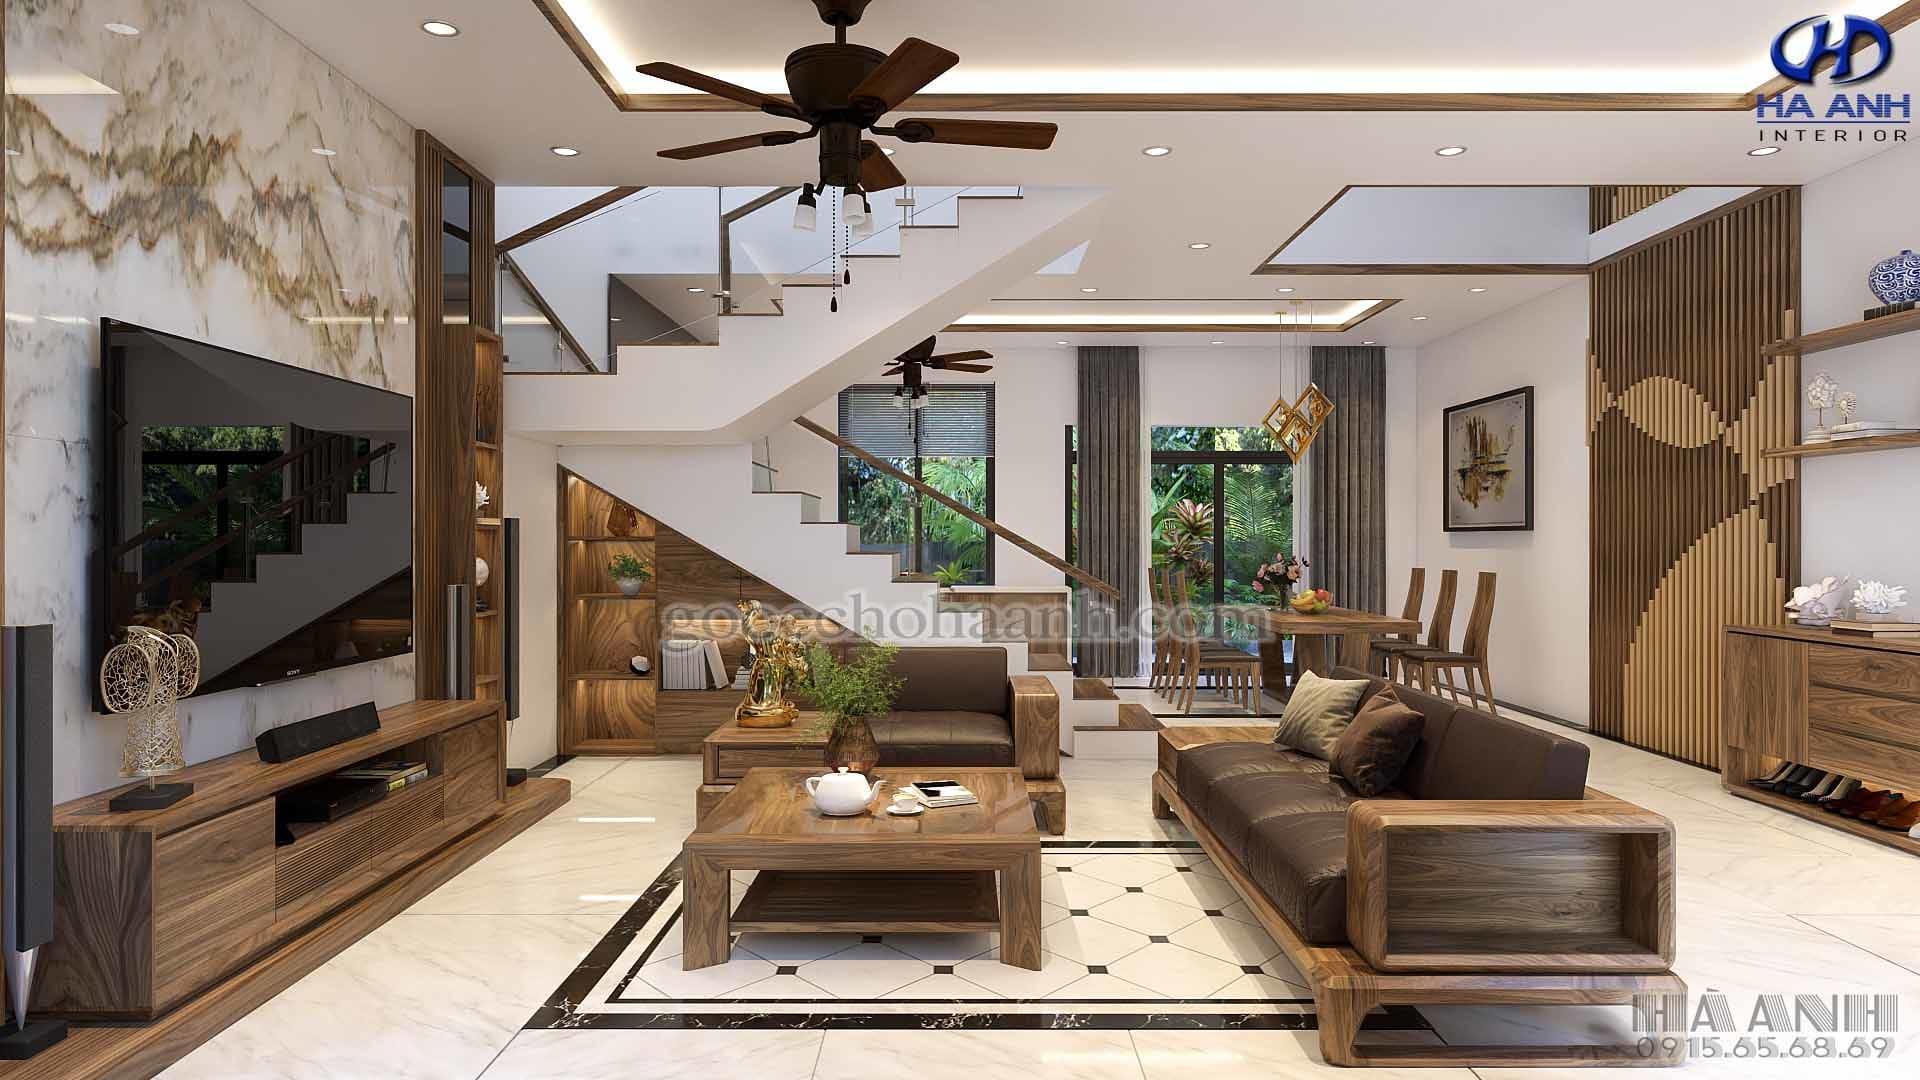 tiện ích của gỗ óc chó trong nội thất